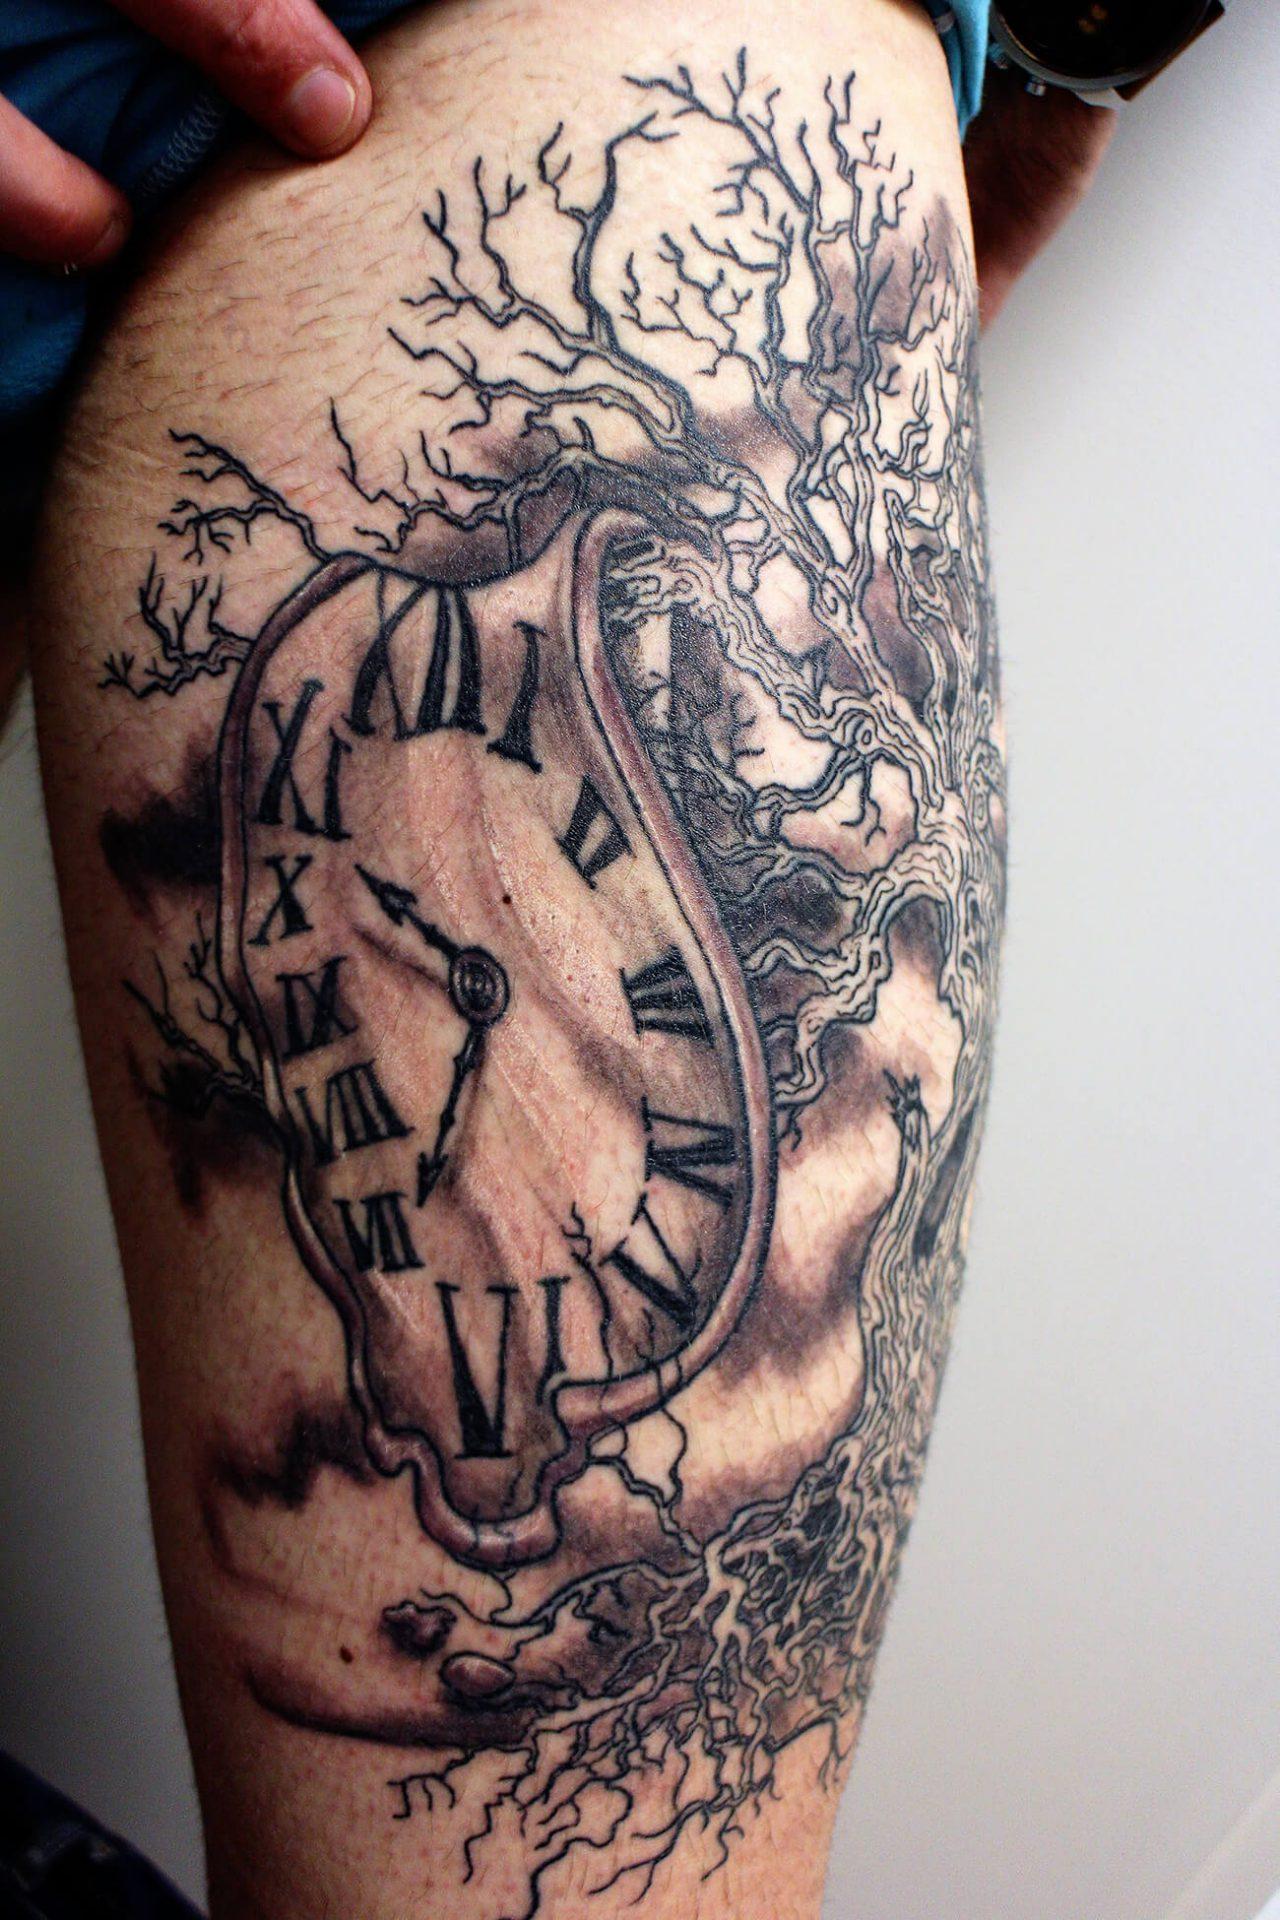 Cosmopolitan Tattoo - Création free hand, tatouage onirique, noir et gris , montre molle